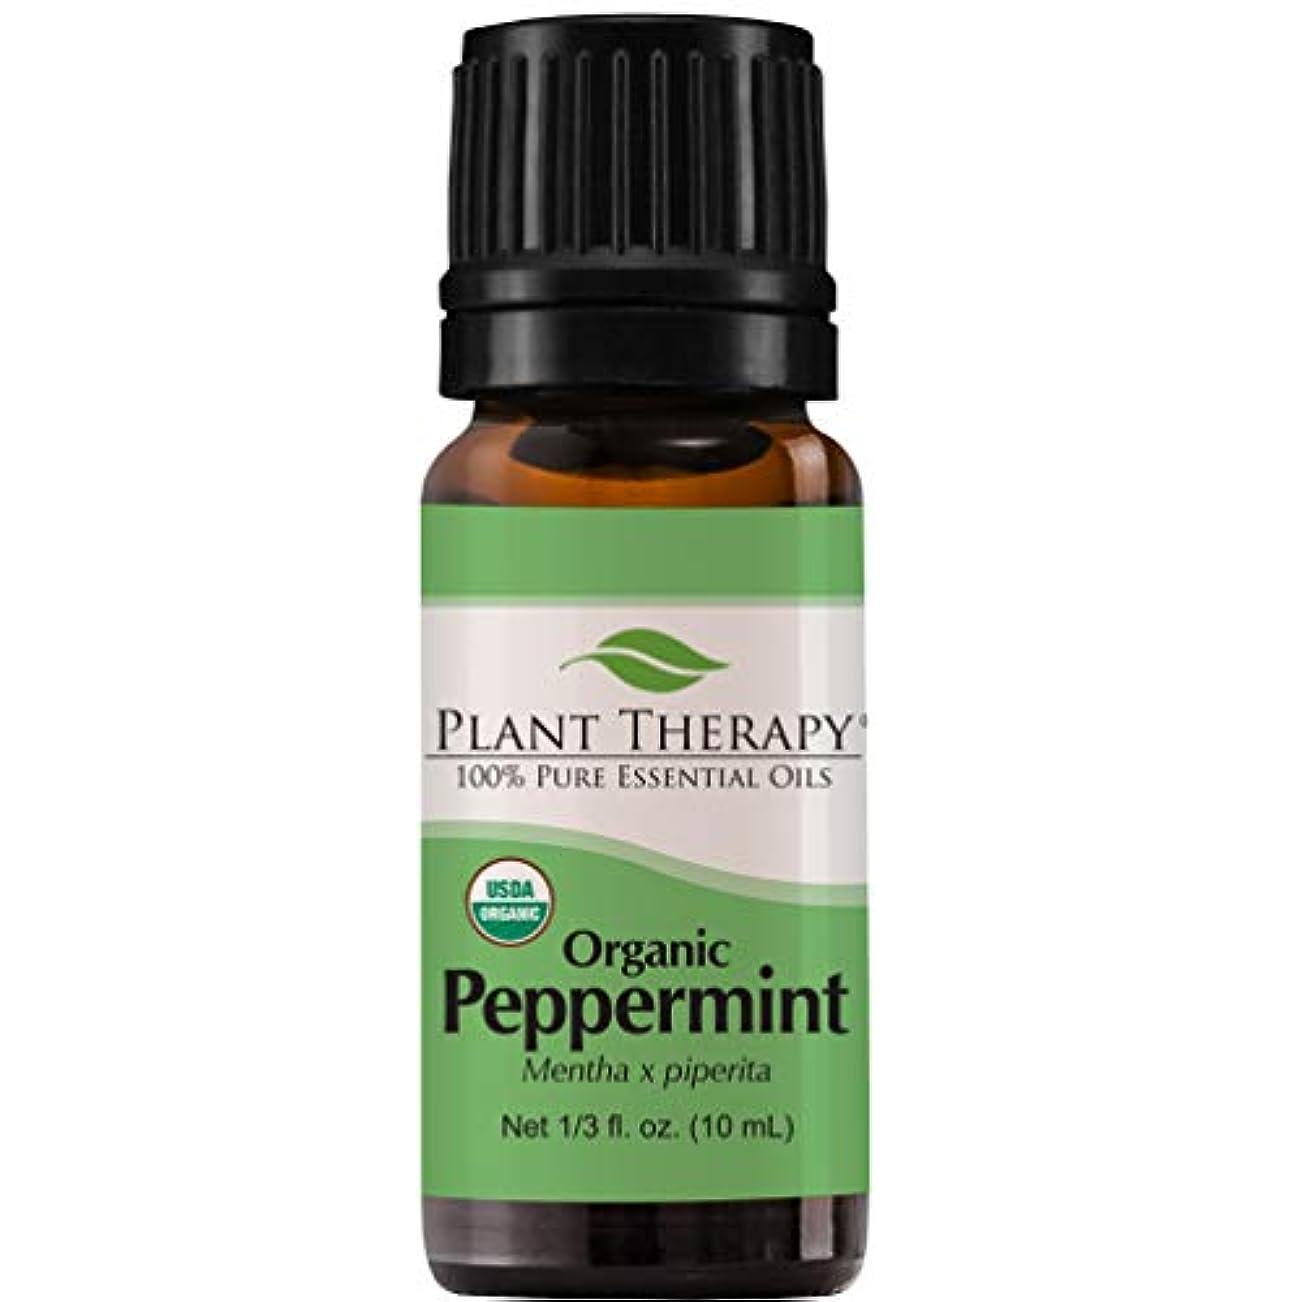 大破休眠パーツPlant Therapy Essential Oils (プラントセラピー エッセンシャルオイル) オーガニック ペパーミント エッセンシャルオイル